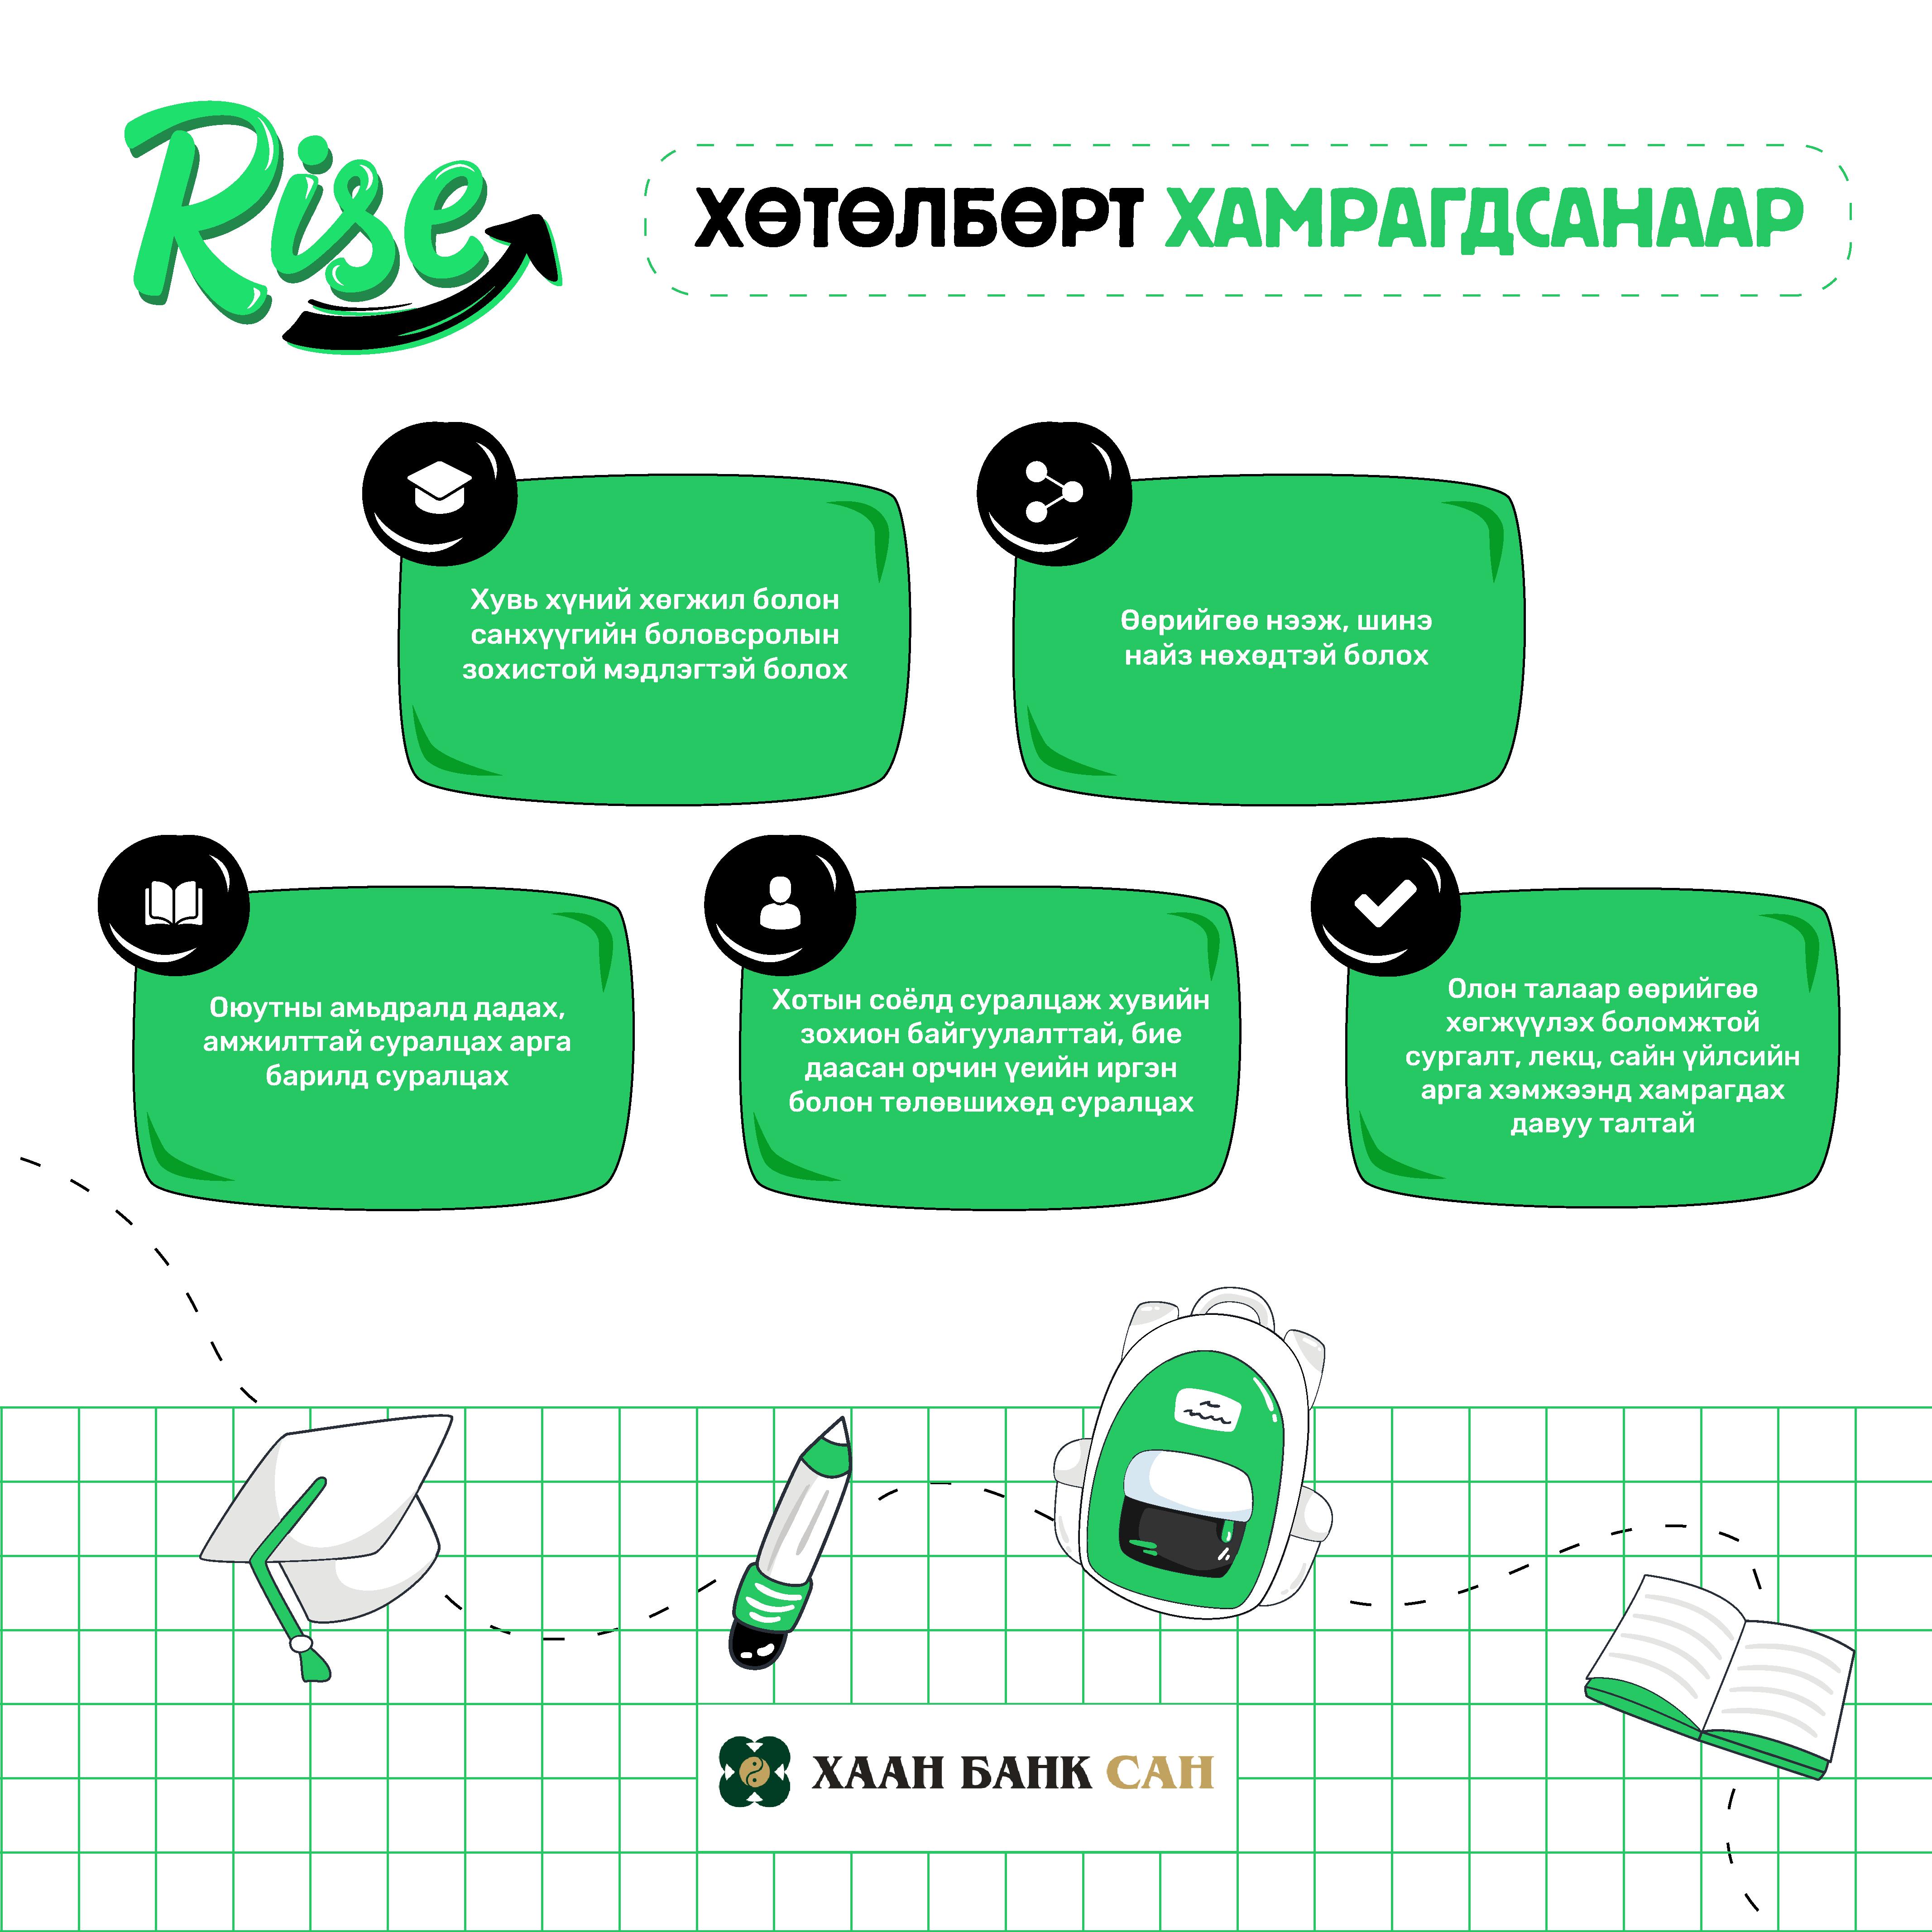 """RISE-Social-poster-2 ХААН банкнаас зохион байгуулж буй """"RISE"""" шинэ оюутны хөгжлийн хөтөлбөрийн бүртгэл эхэллээ"""